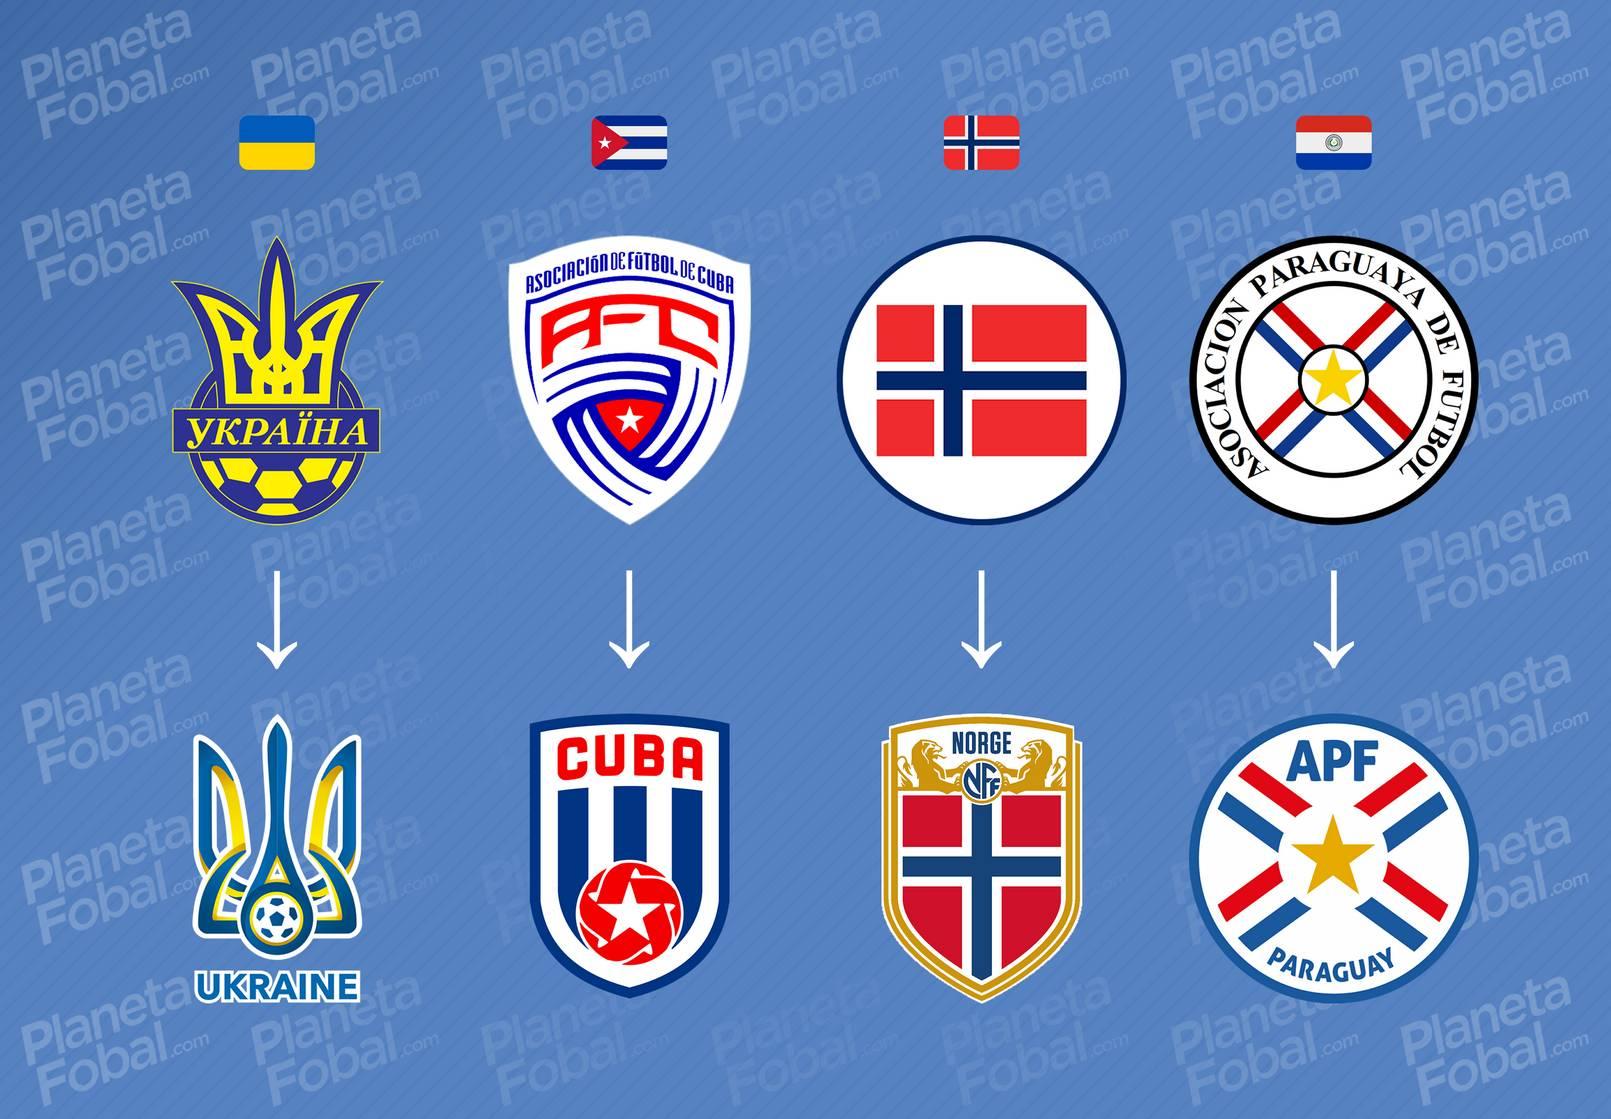 Evolución de Ucrania, Cuba, Noruega y Paraguay